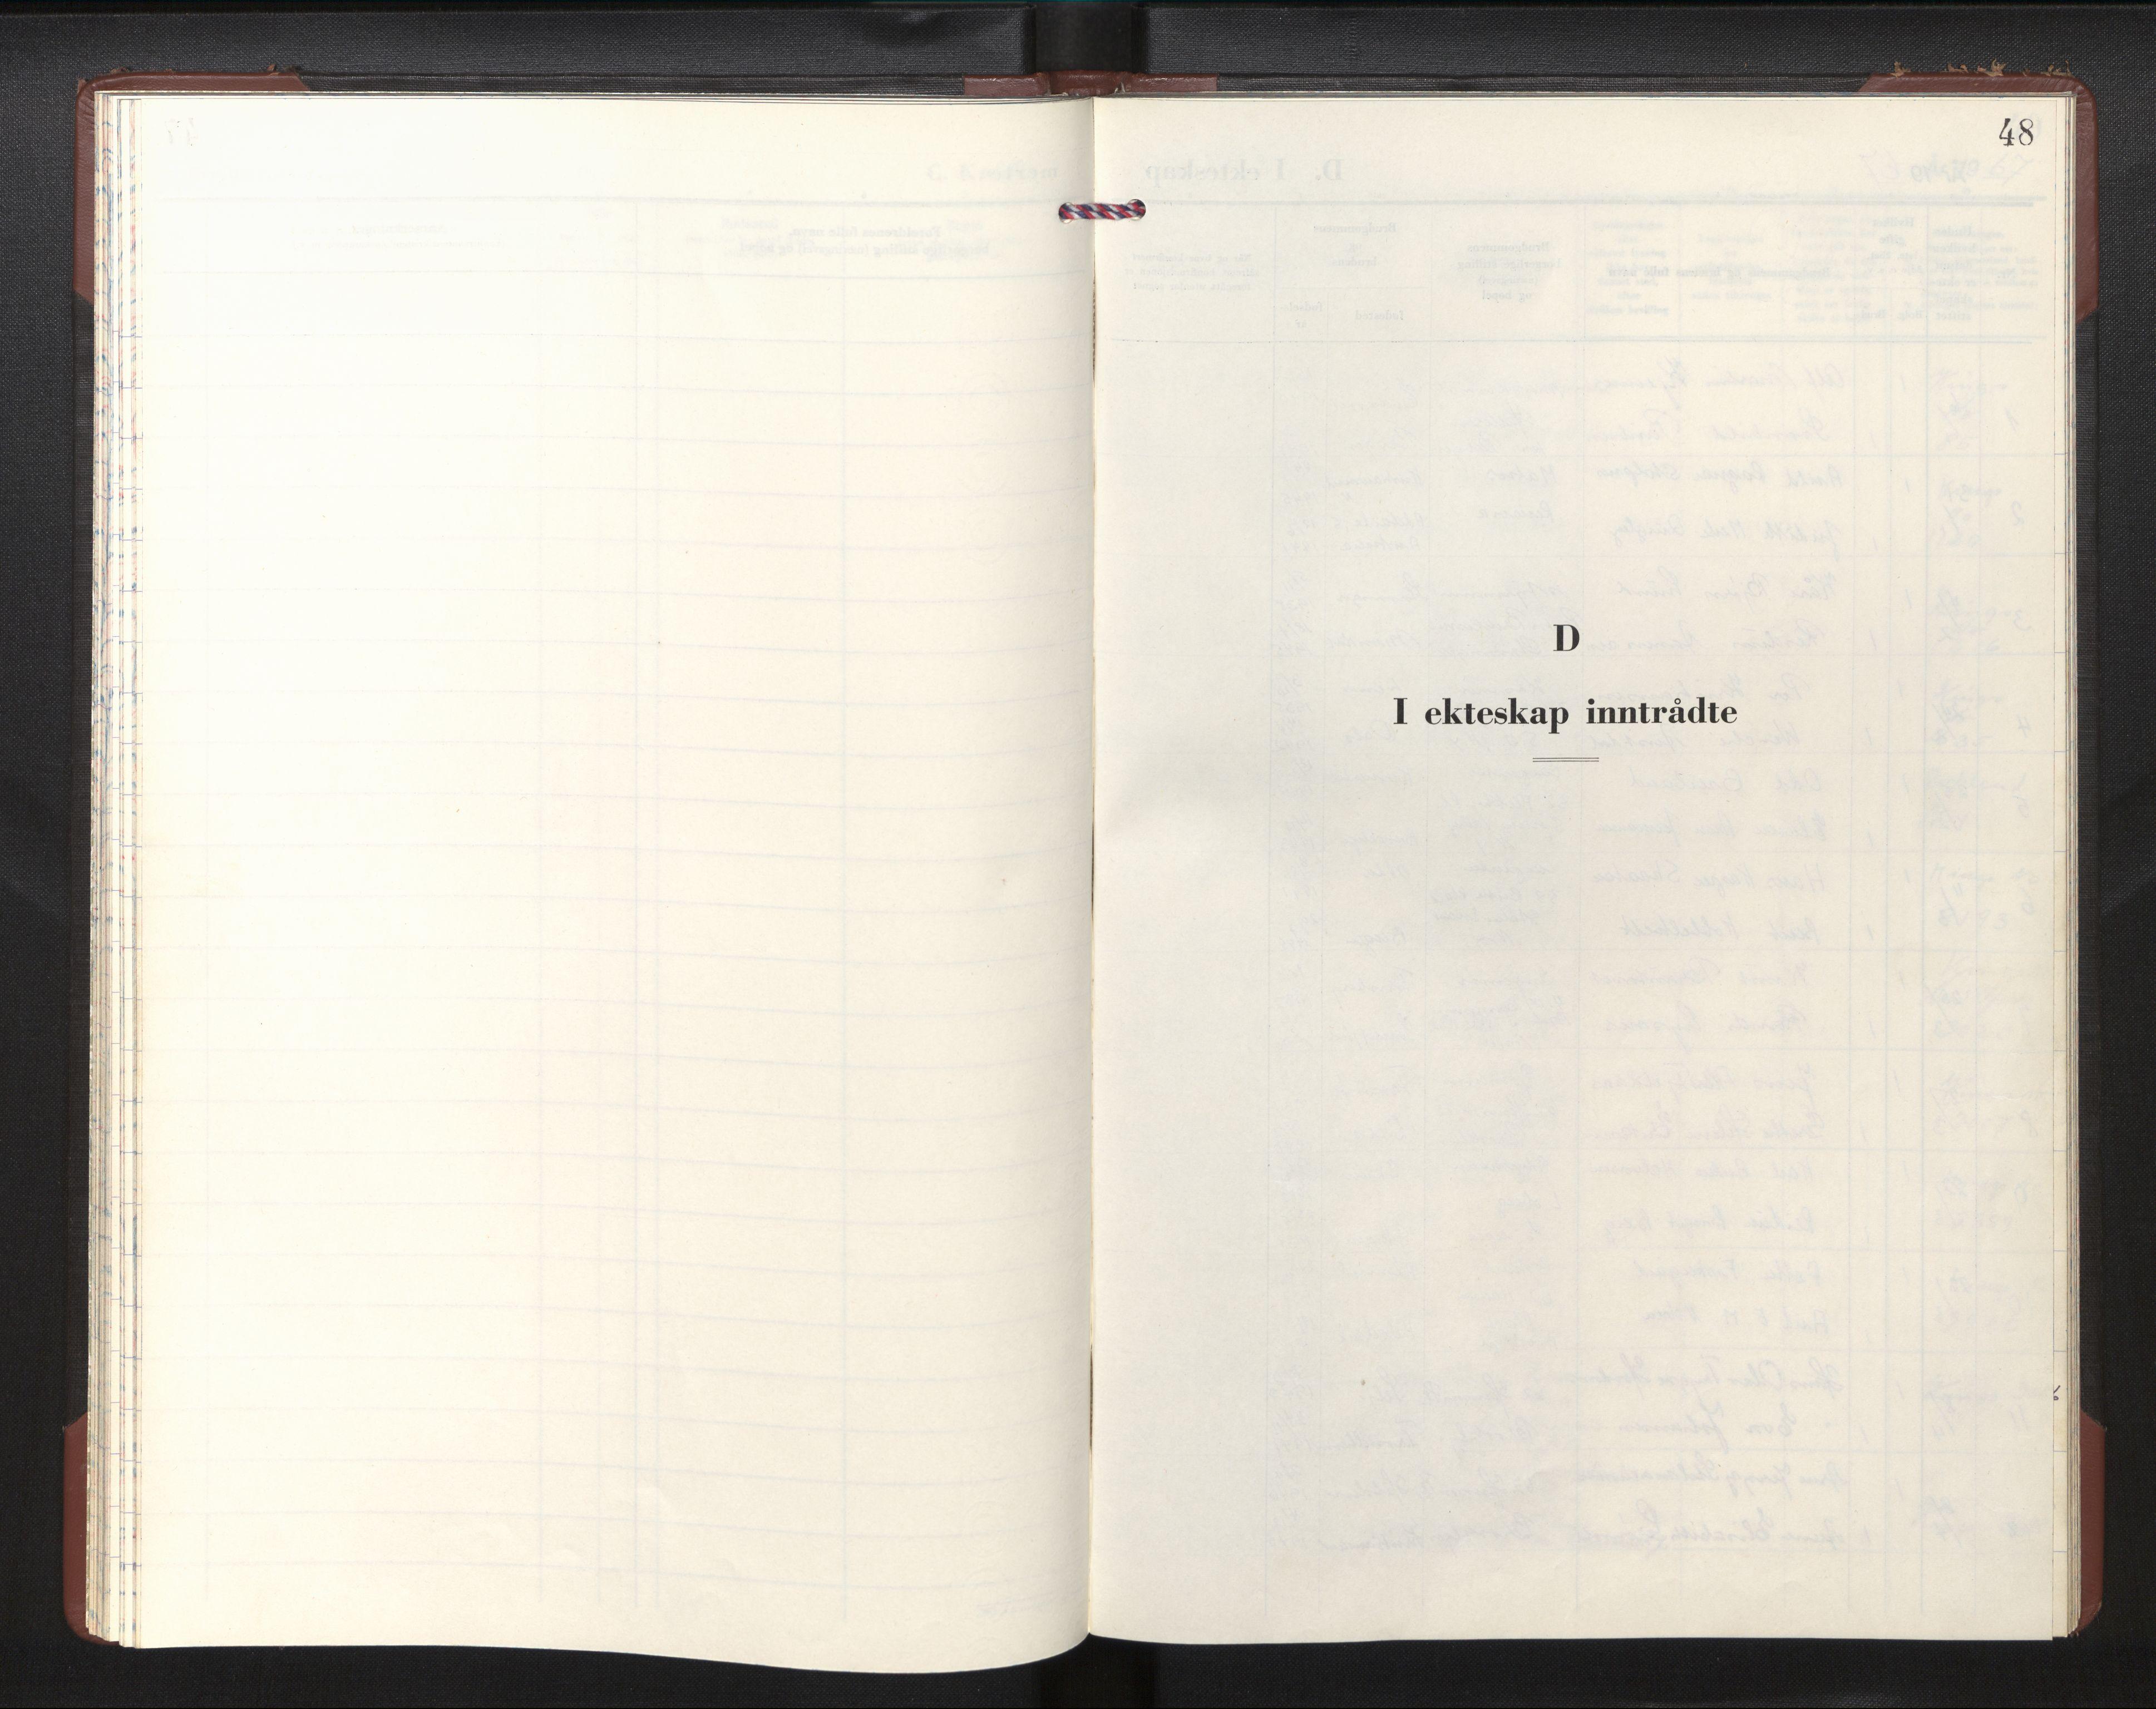 SAB, Den norske sjømannsmisjon i utlandet/New York, H/Ha/L0014: Ministerialbok nr. A 14, 1967-1971, s. 47b-48a